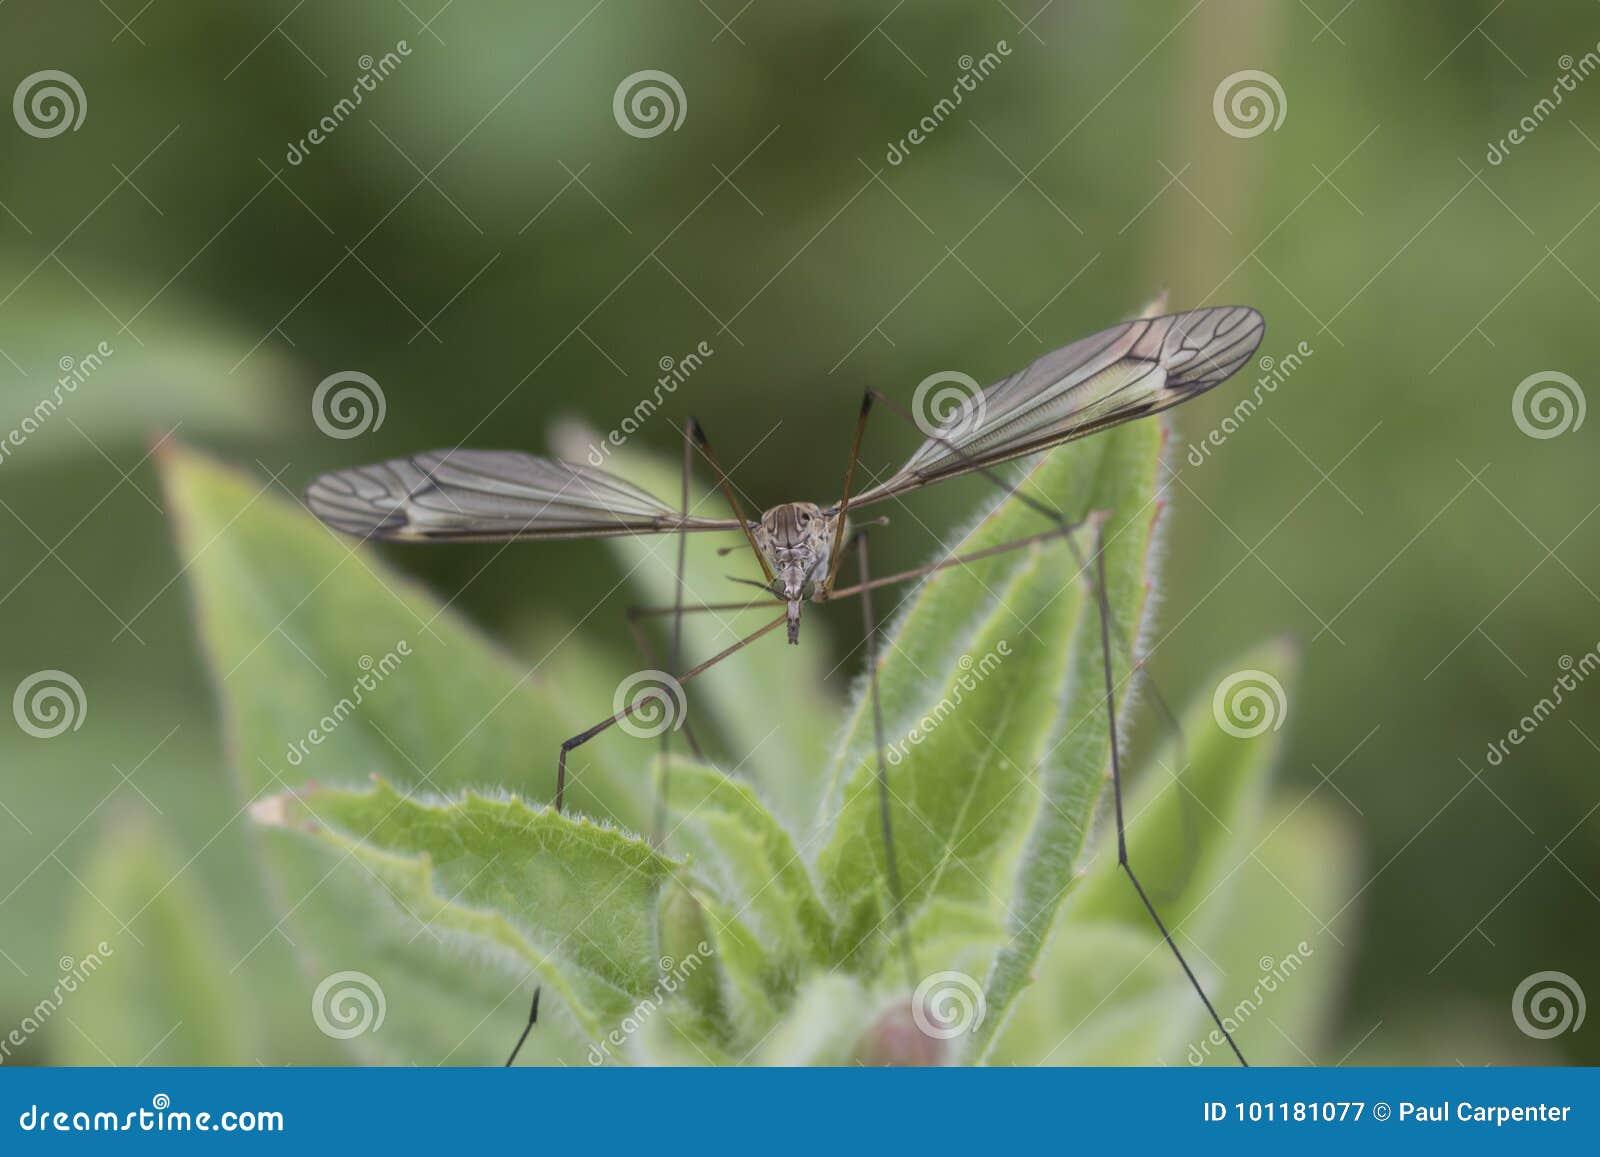 För tiger stående cranefly